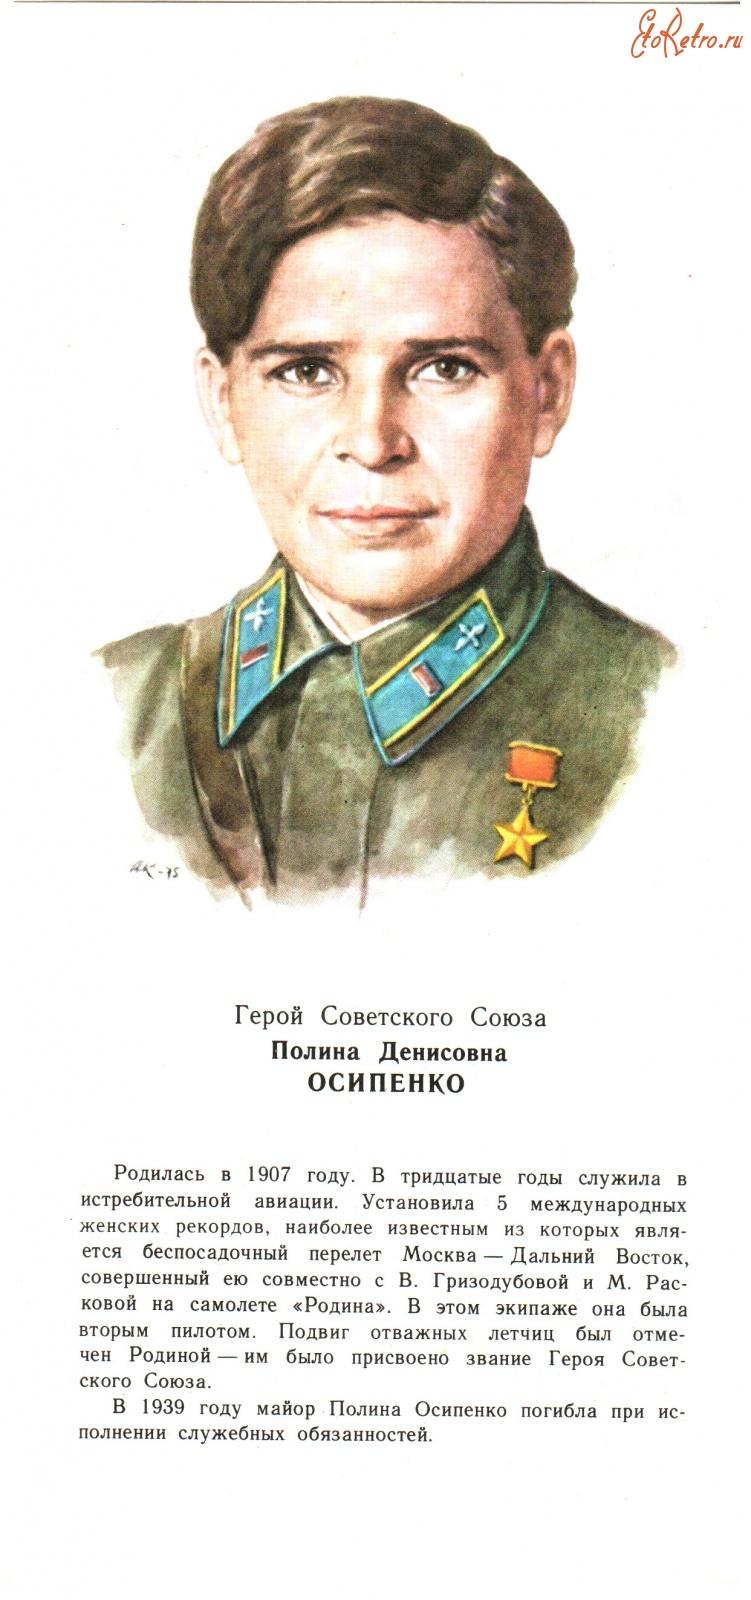 задачей меда герои советского союза открытки отклонения